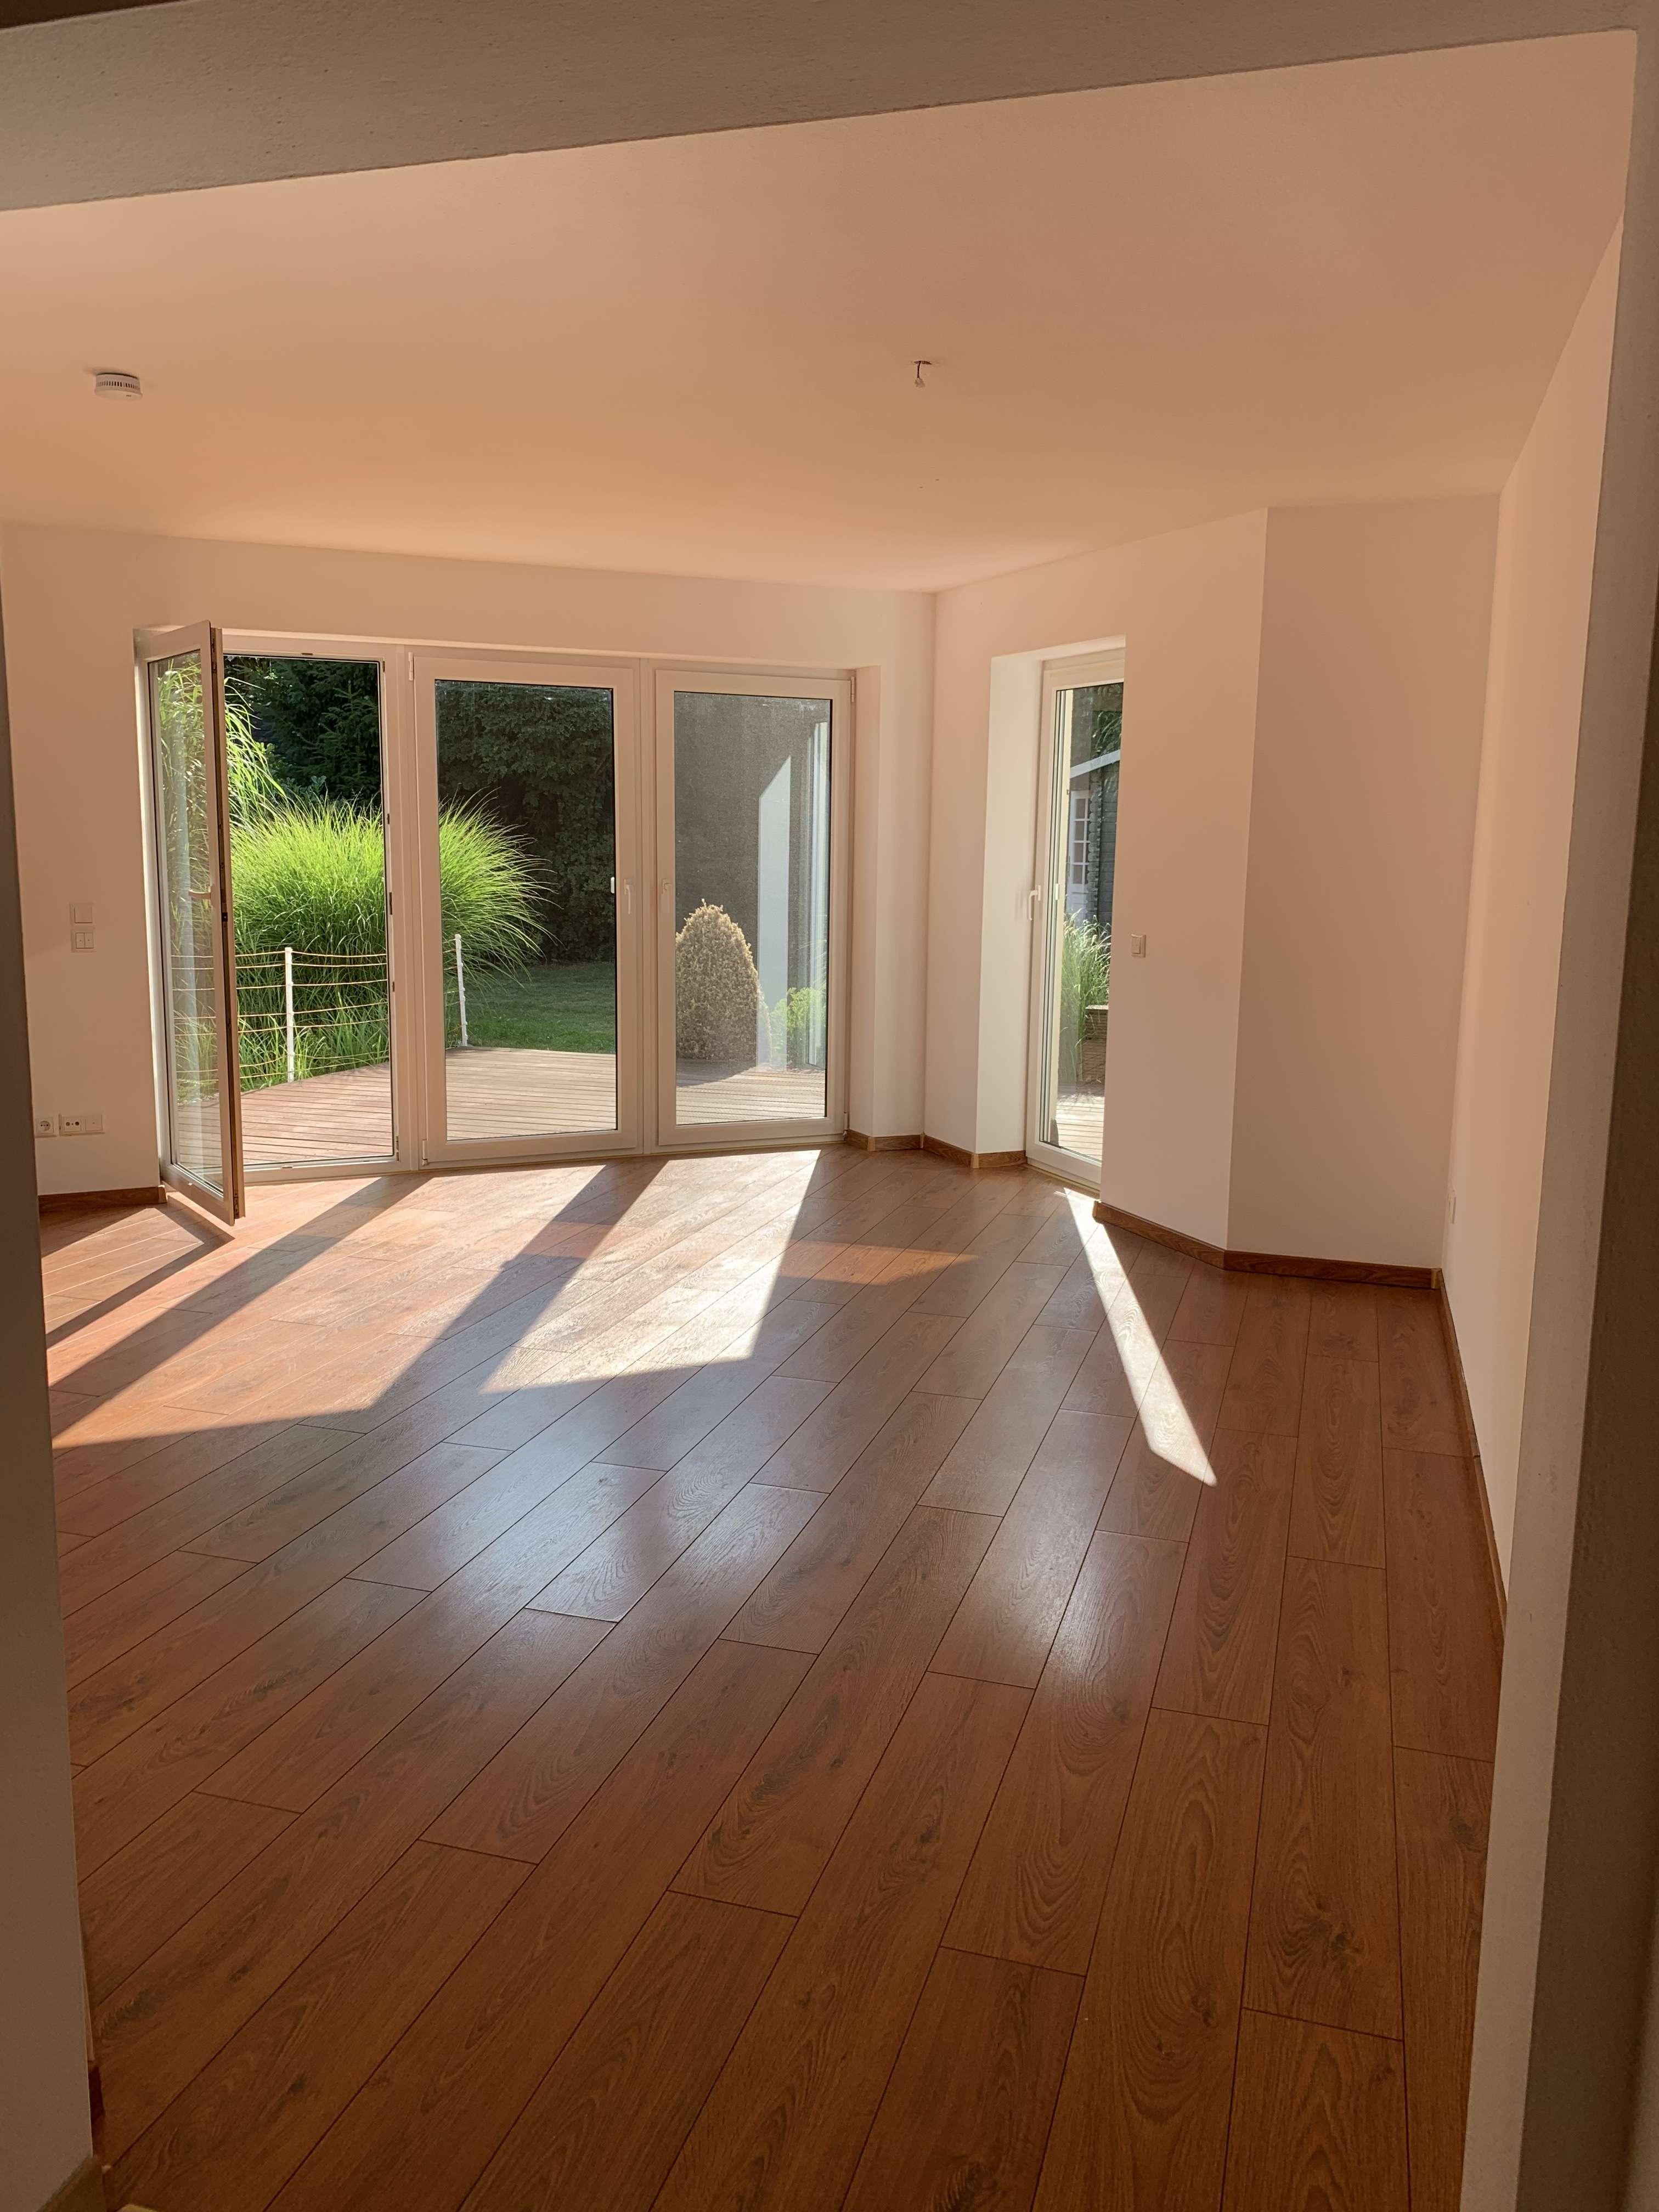 3-Zimmer Wohnung mit wunderschönem Garten in Peter u. Paul (Landshut)